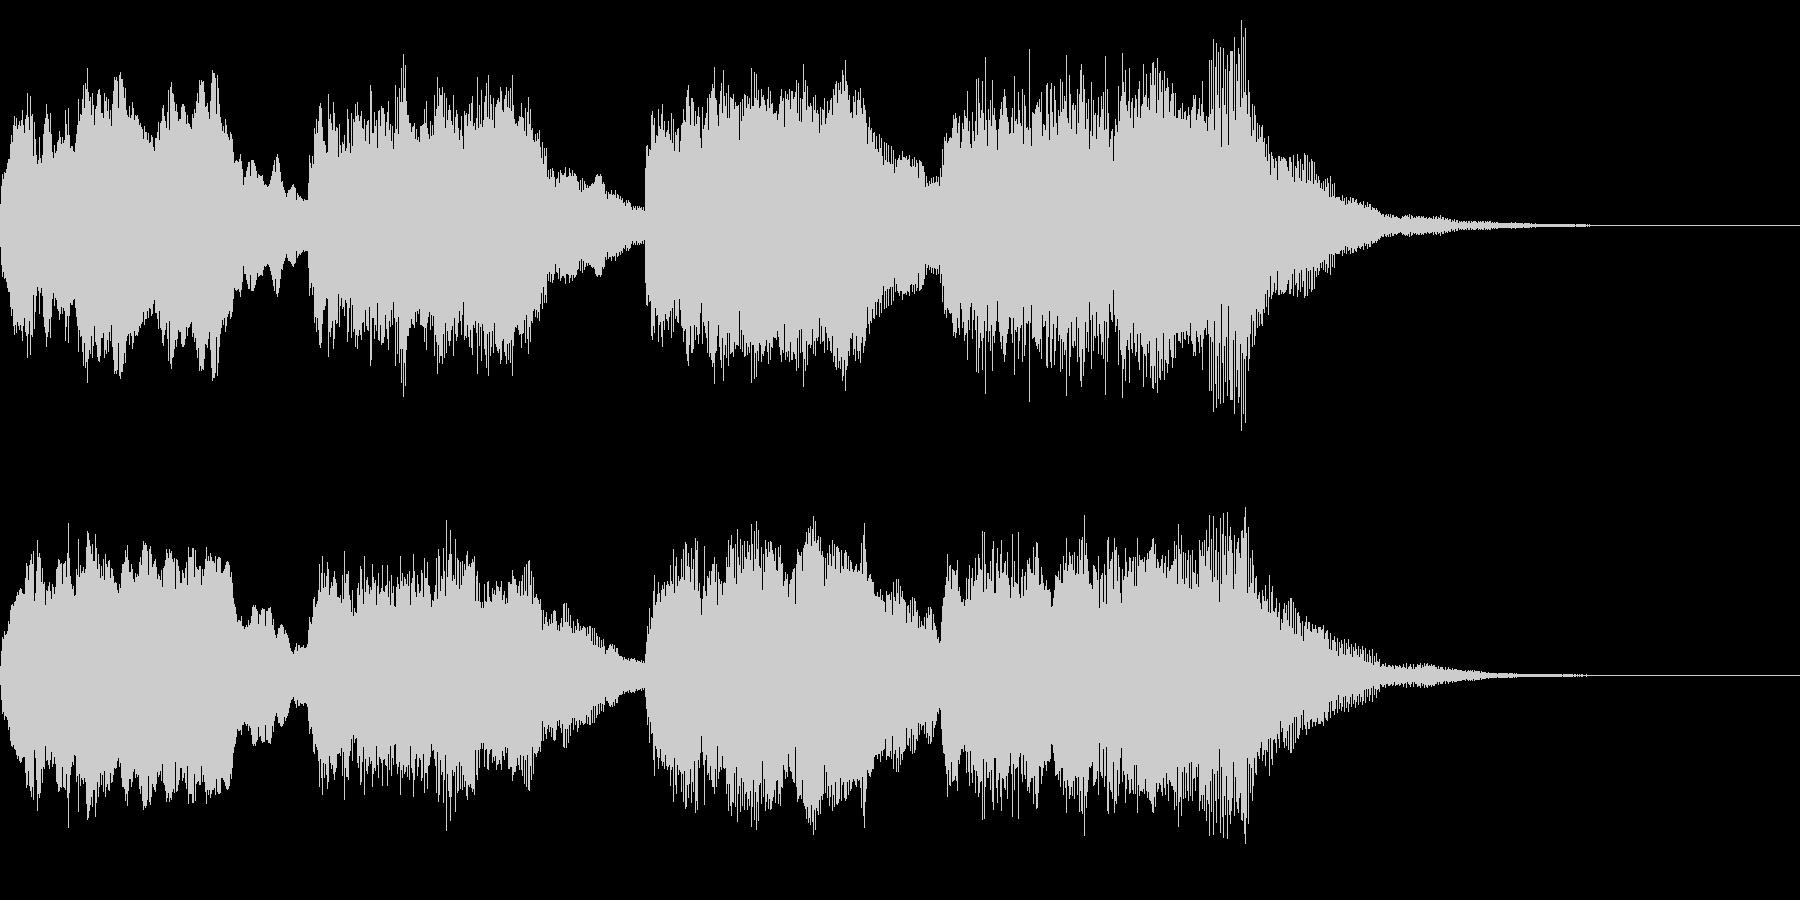 ちゃらりー:トッカータオルガン残念描写の未再生の波形